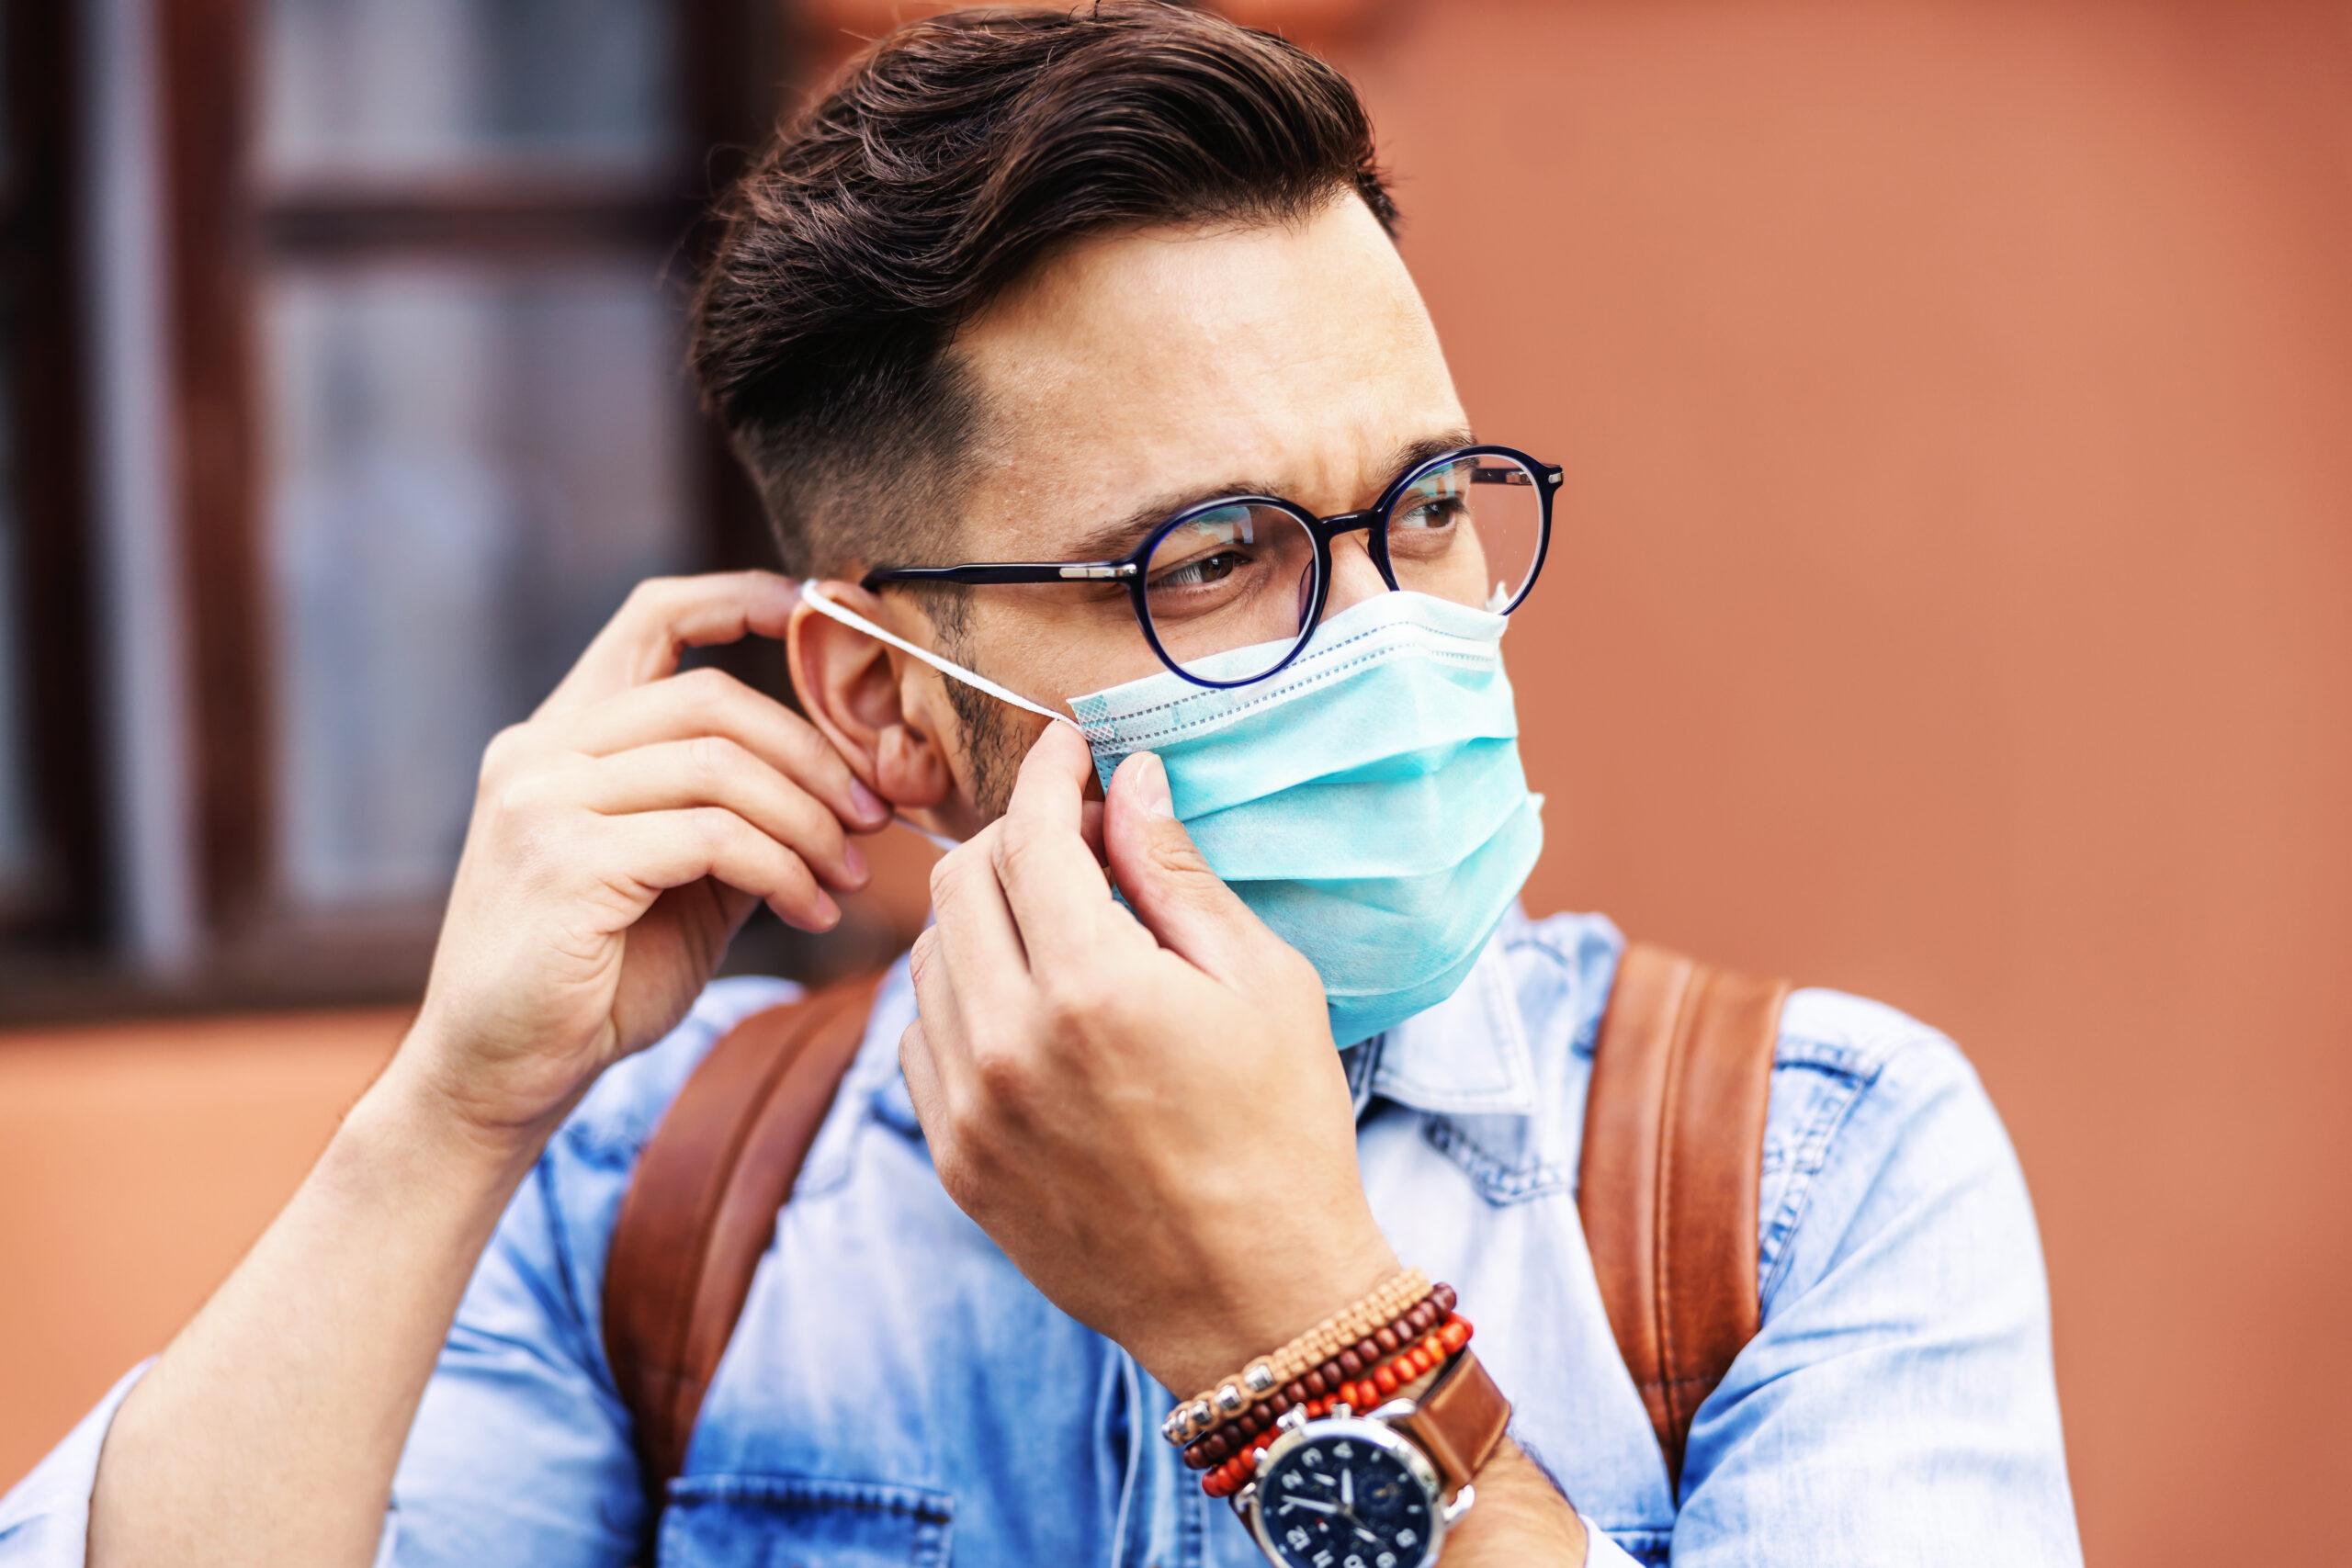 Stadtverwaltung: Maskenpflicht in der Innenstadt ab dem 5. Dezember